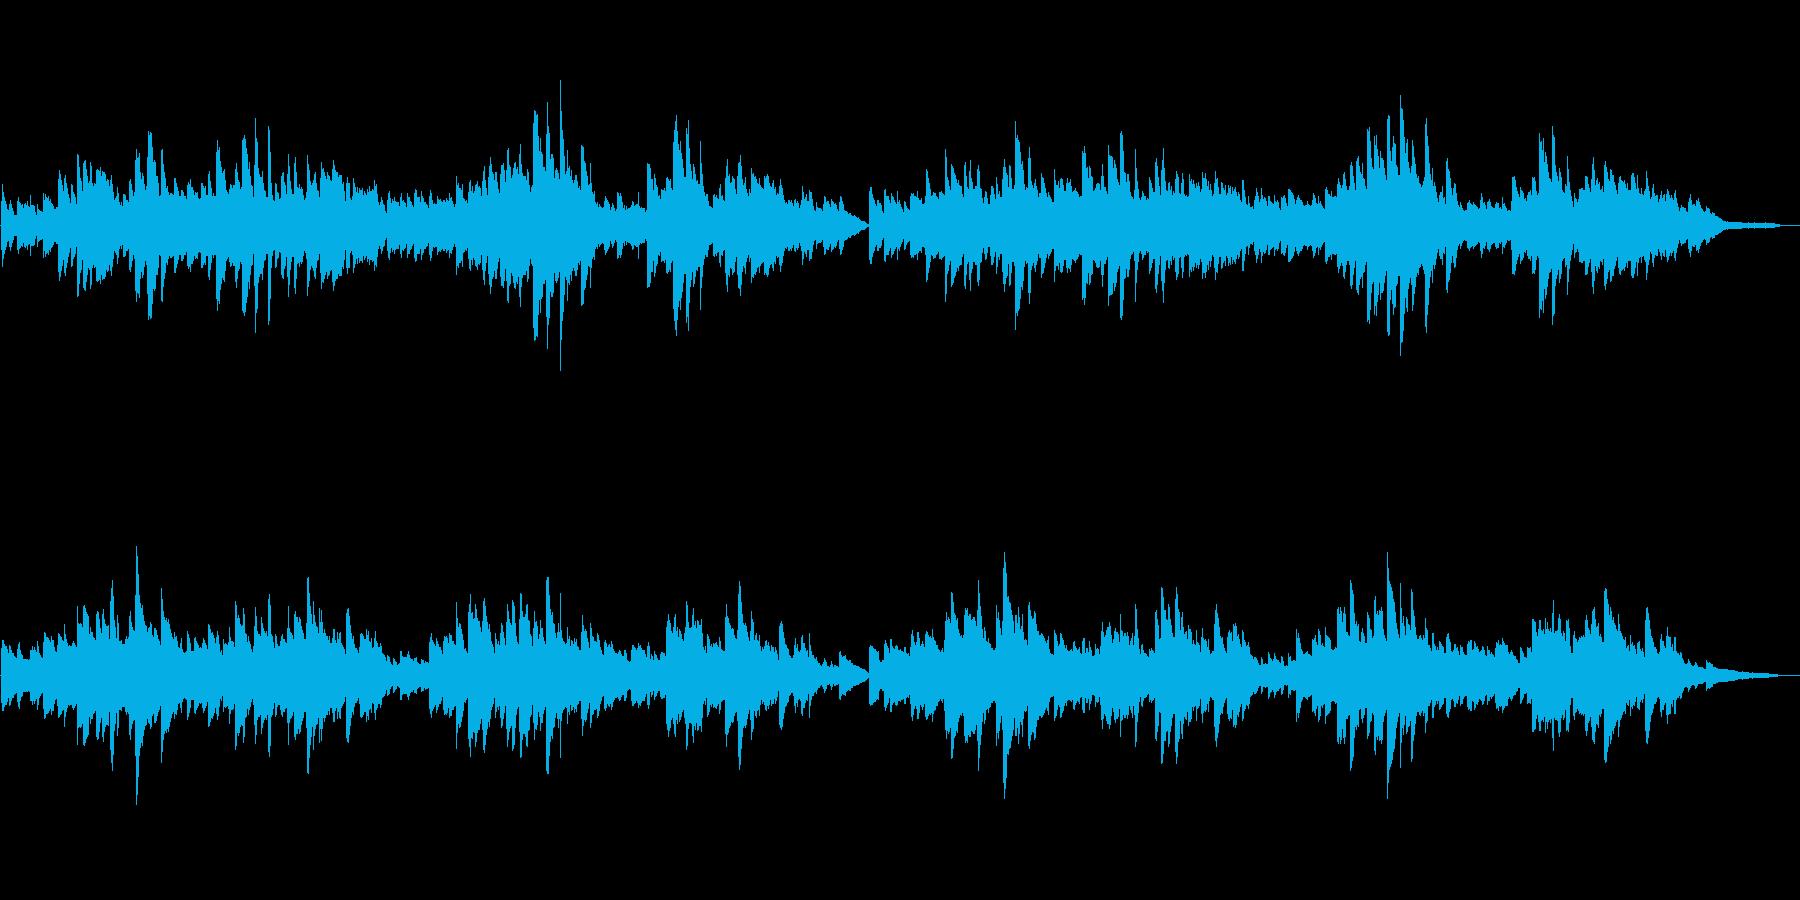 童謡「われは海の子」シンプルなピアノソロの再生済みの波形